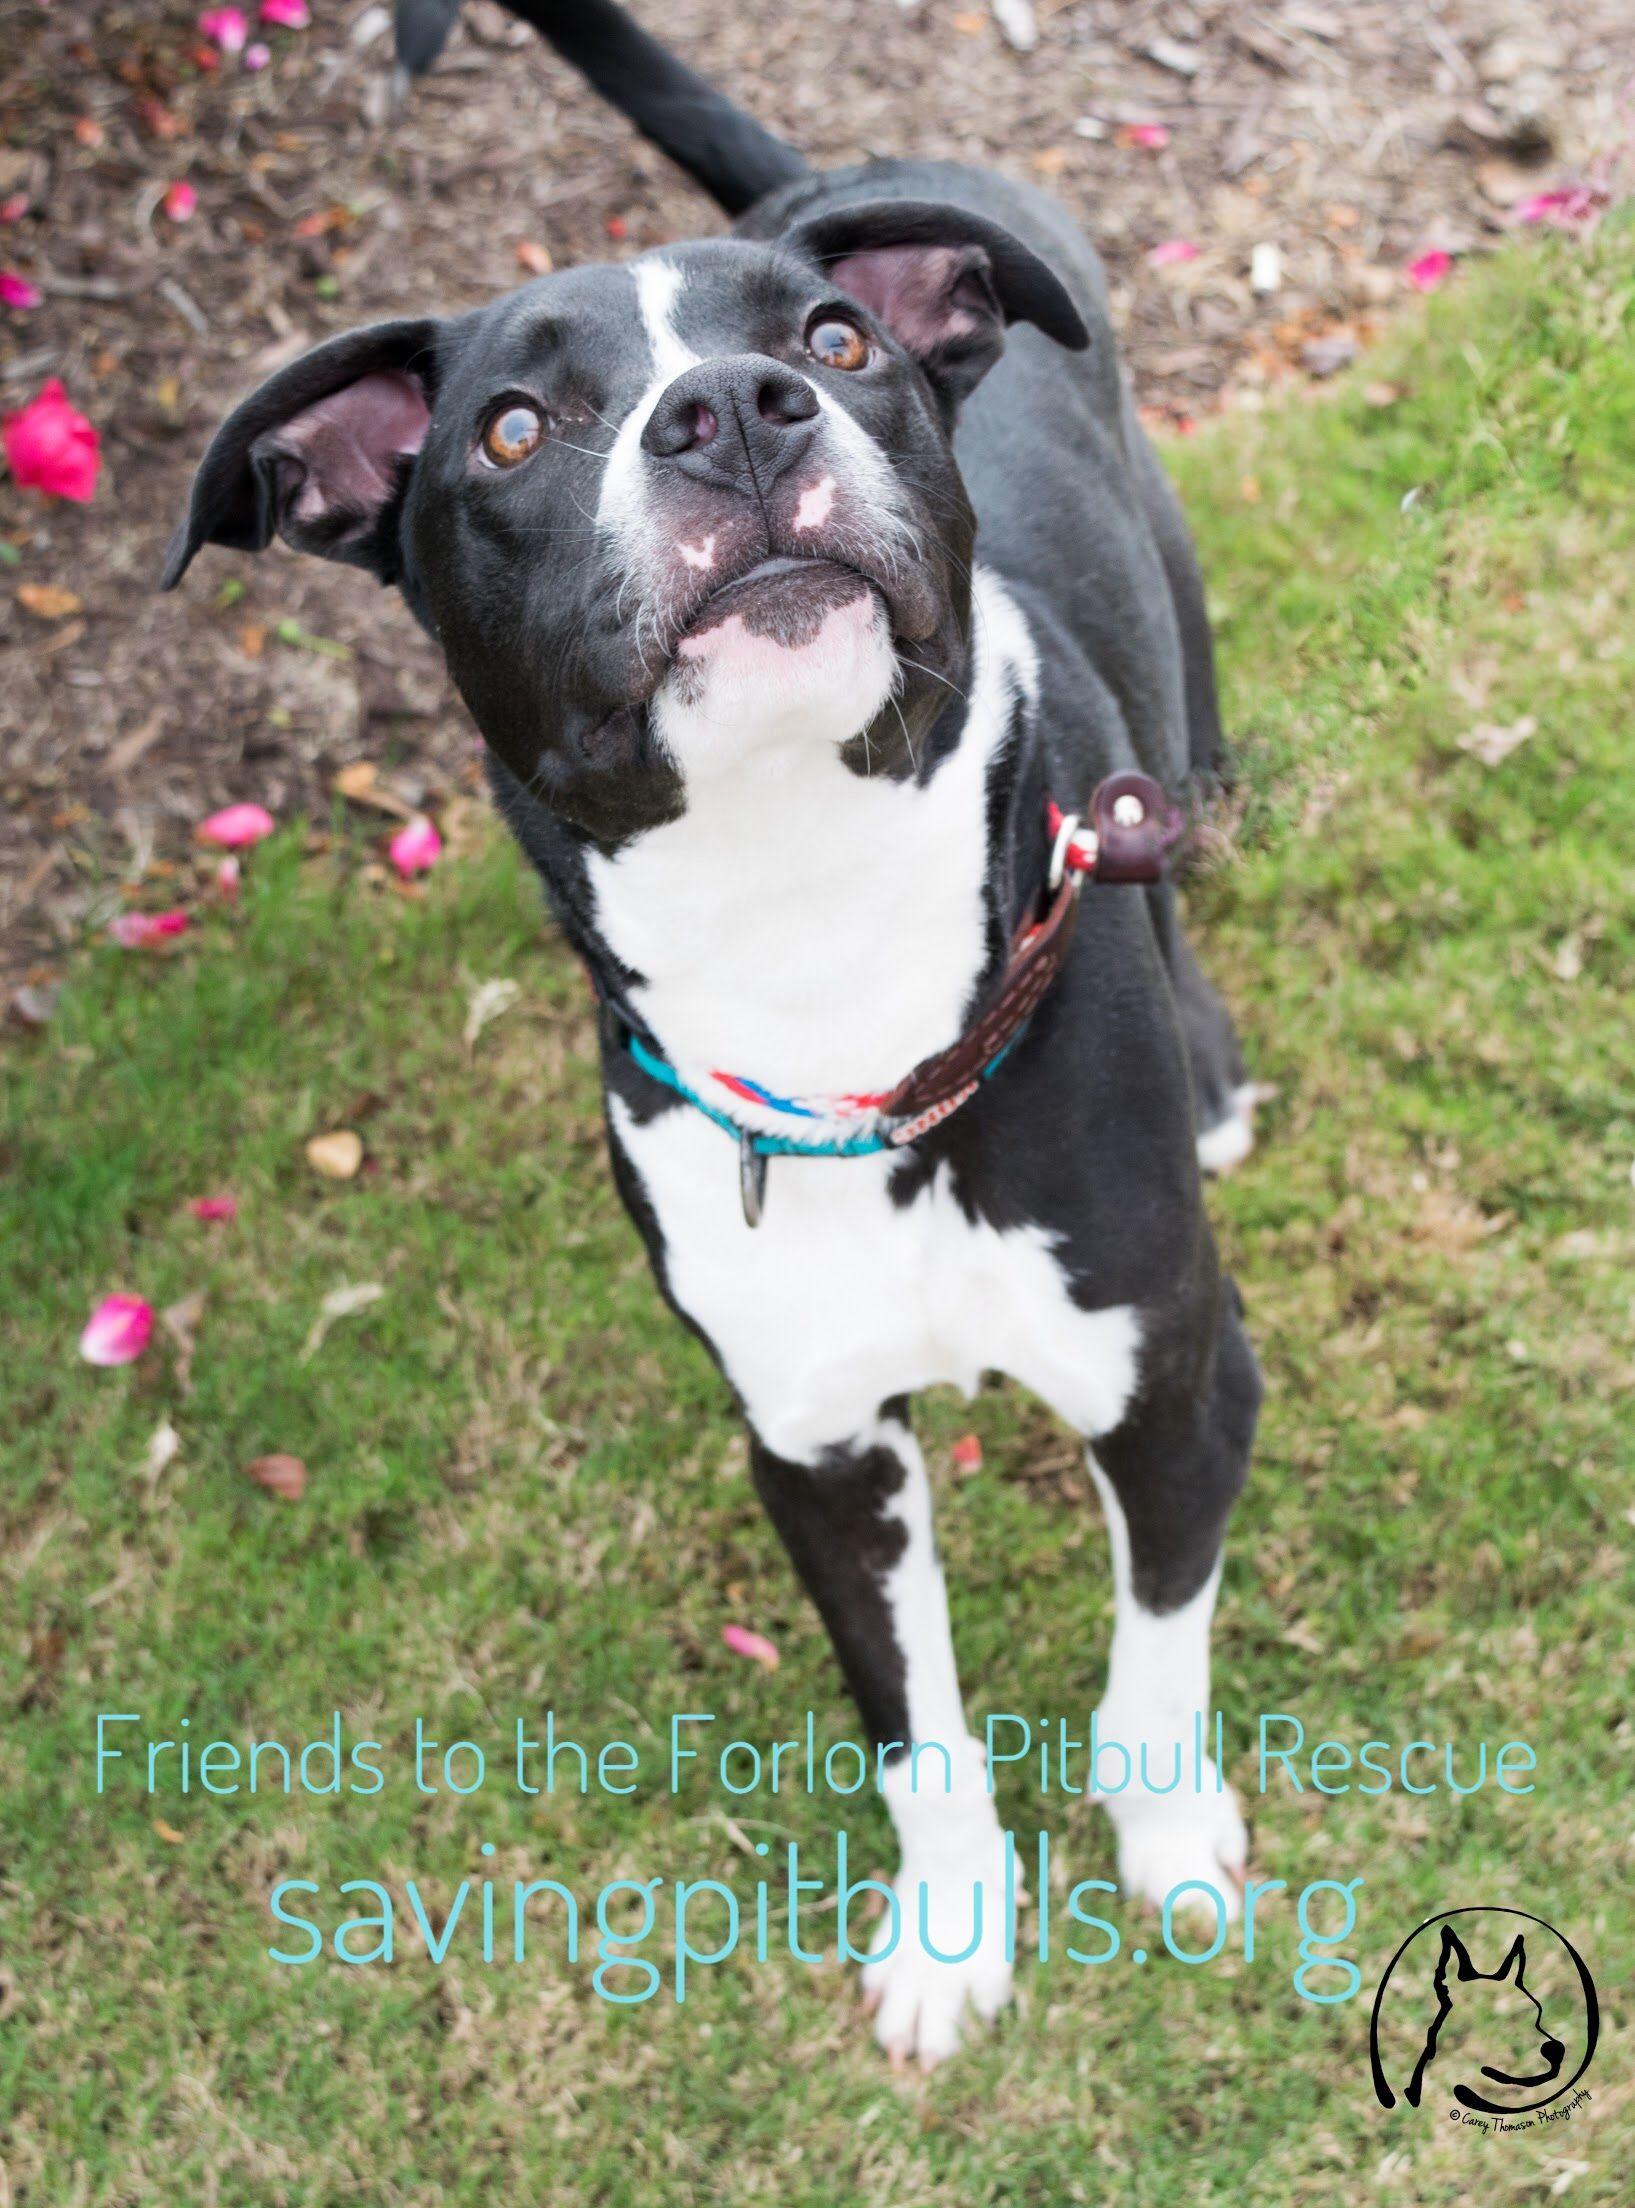 Adopt A Bulls Dog Adoption Pitbull Rescue Pitbull Terrier